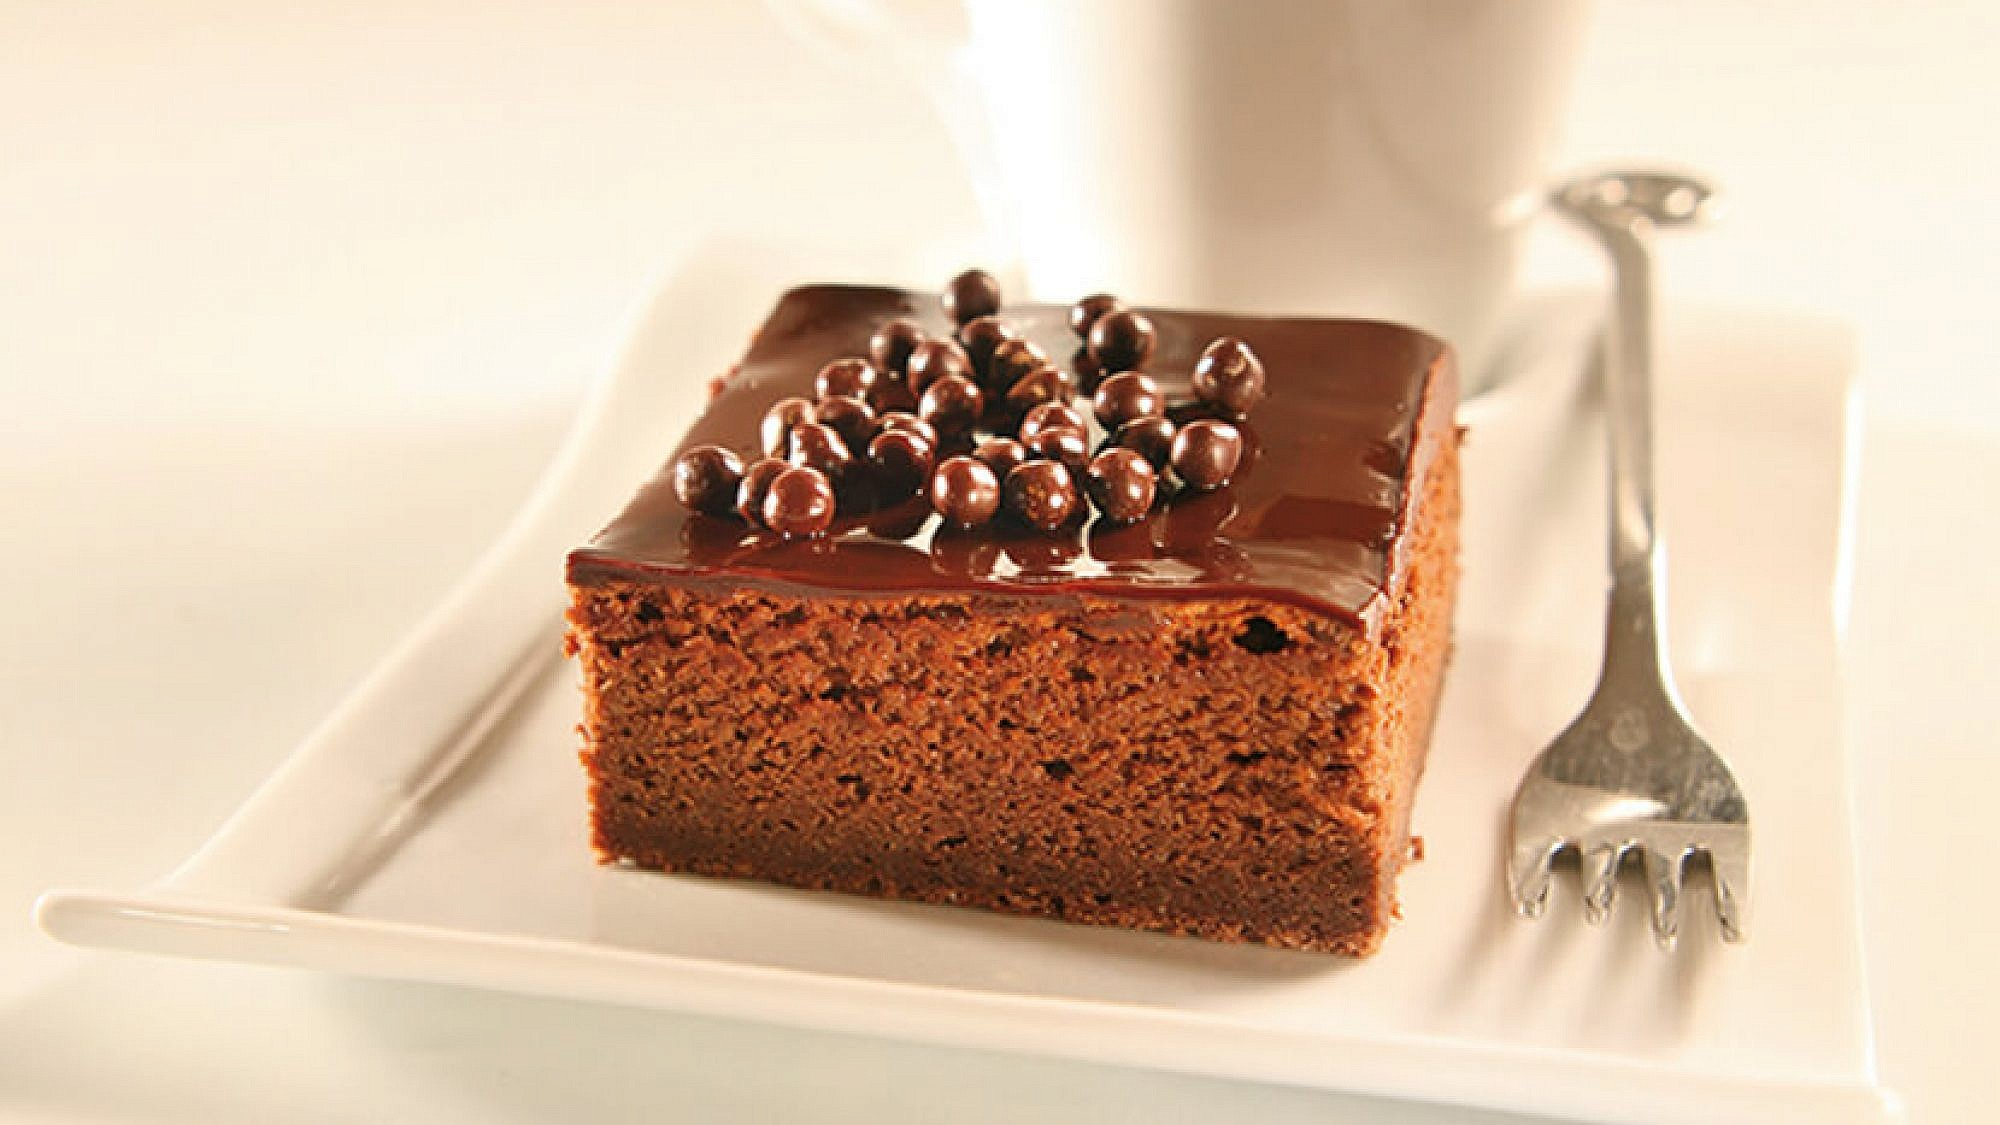 עוגת שוקולד נימוחה. צילום: דניאלה לילה